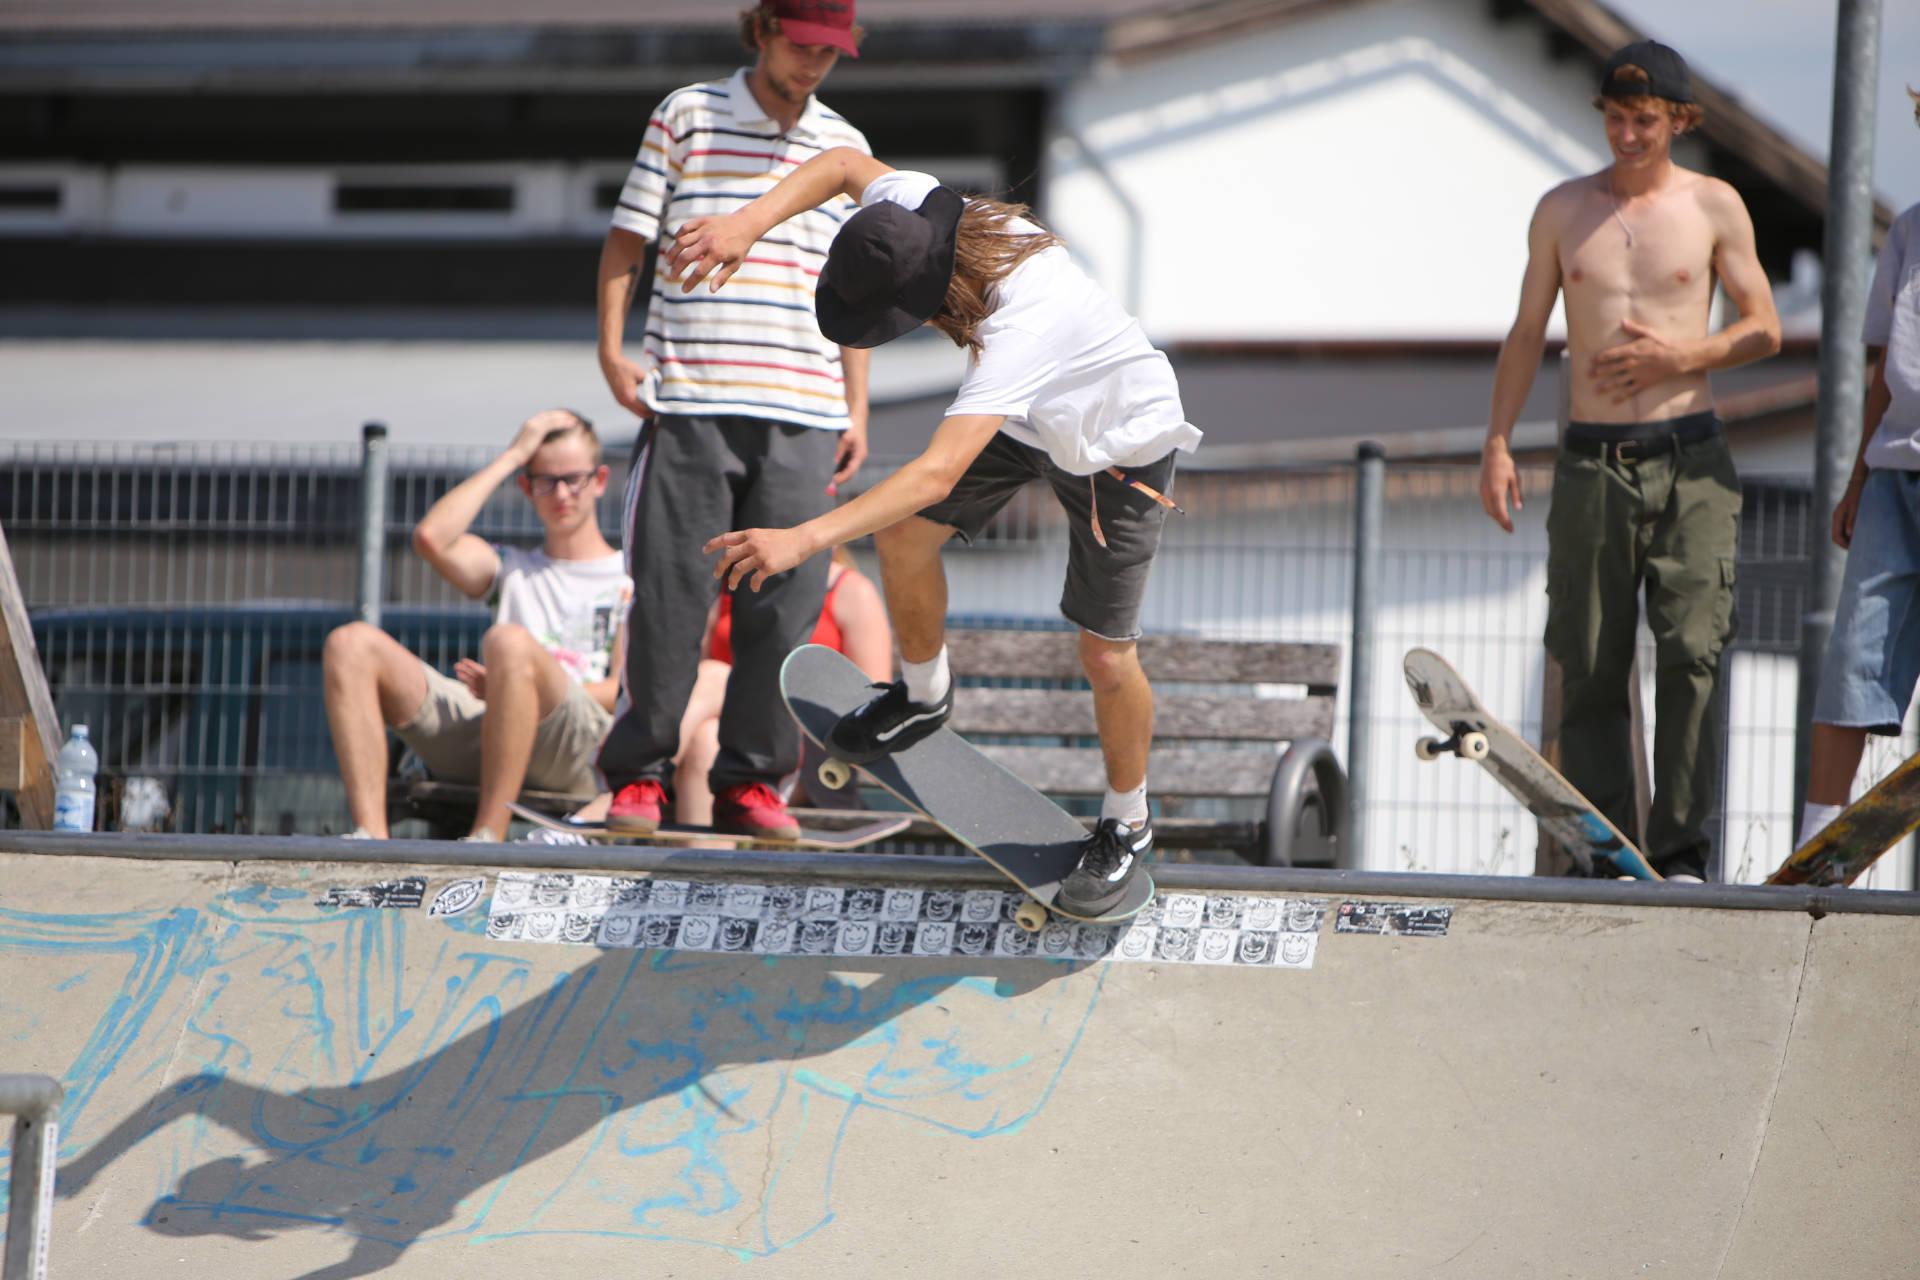 skateboardheadz st johann in tirol kgt 2019 finale 00128